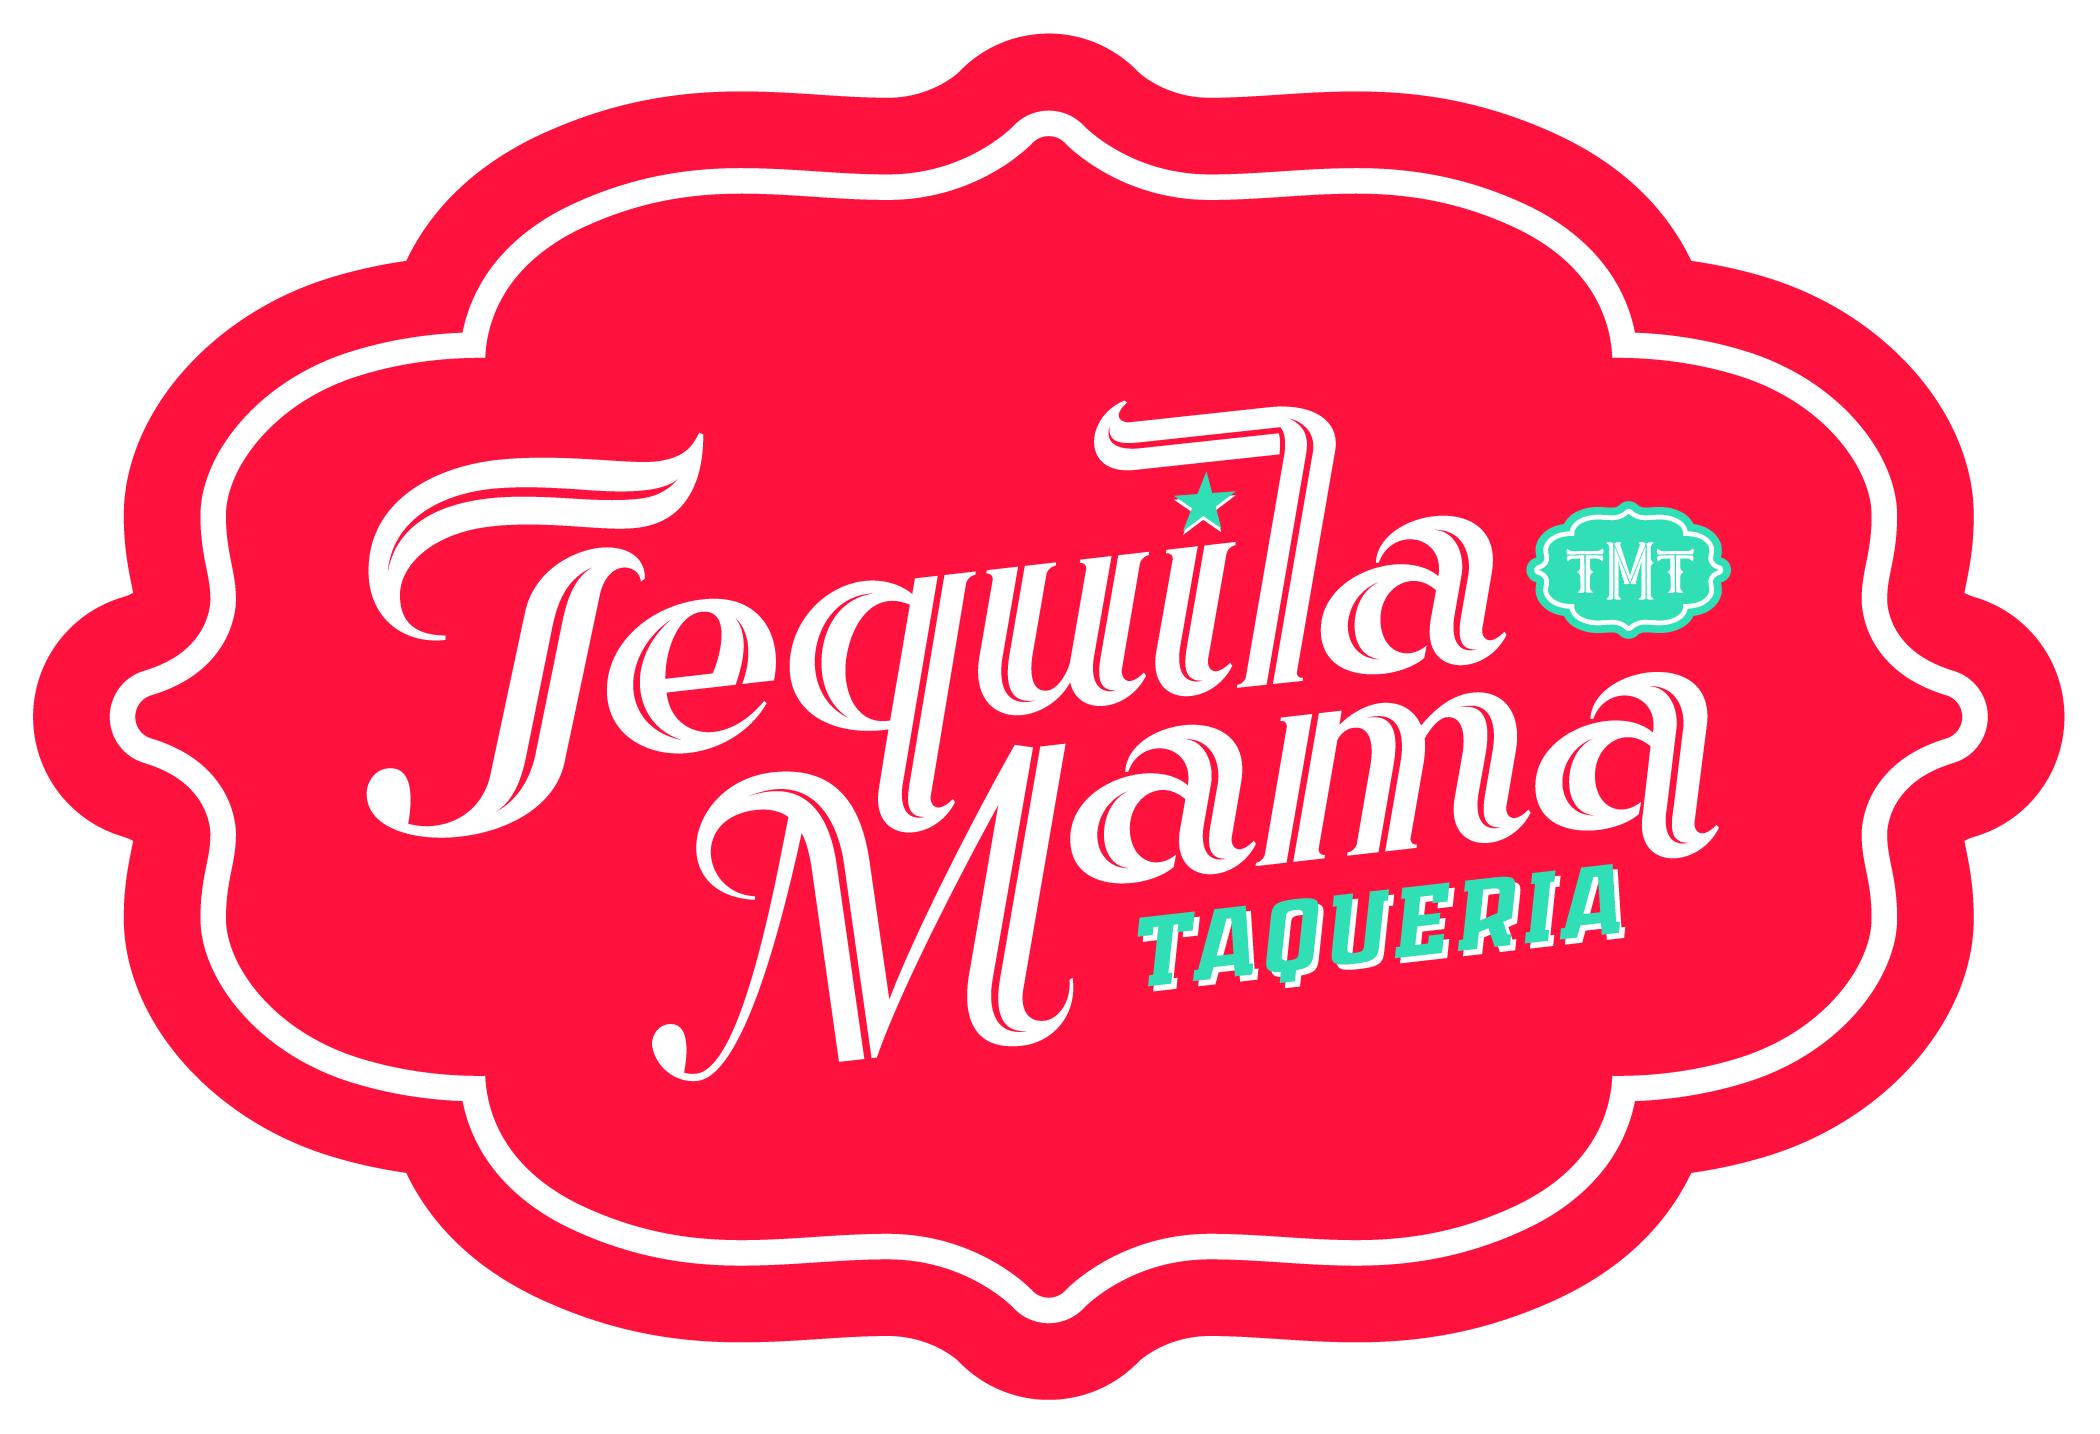 BRONZE SPONSOR TEQUILA MAMA TAQUERIA